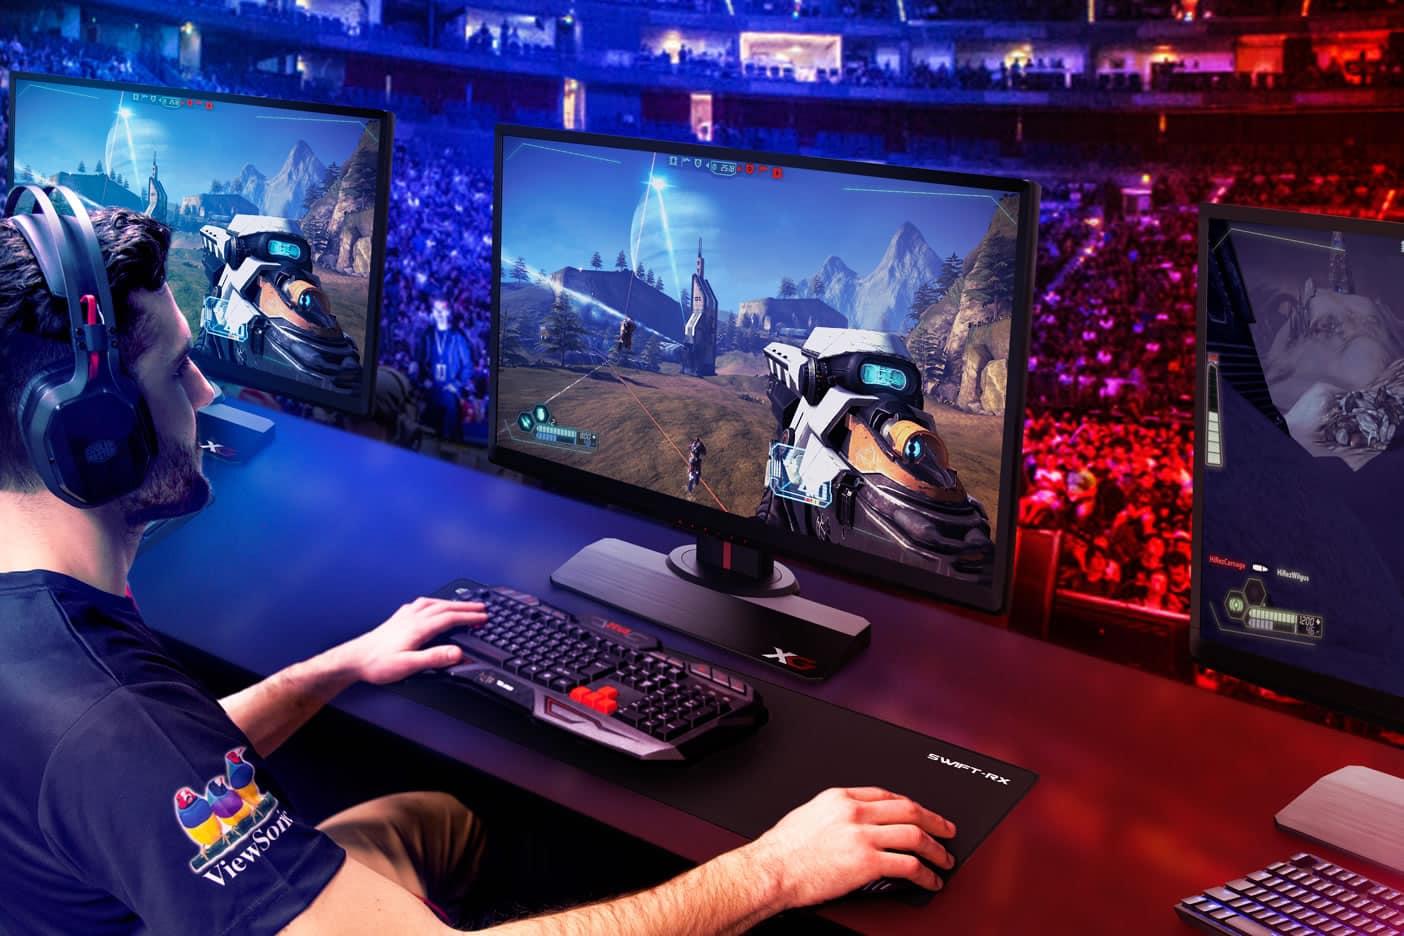 Monitor ViewSonic XG2530.